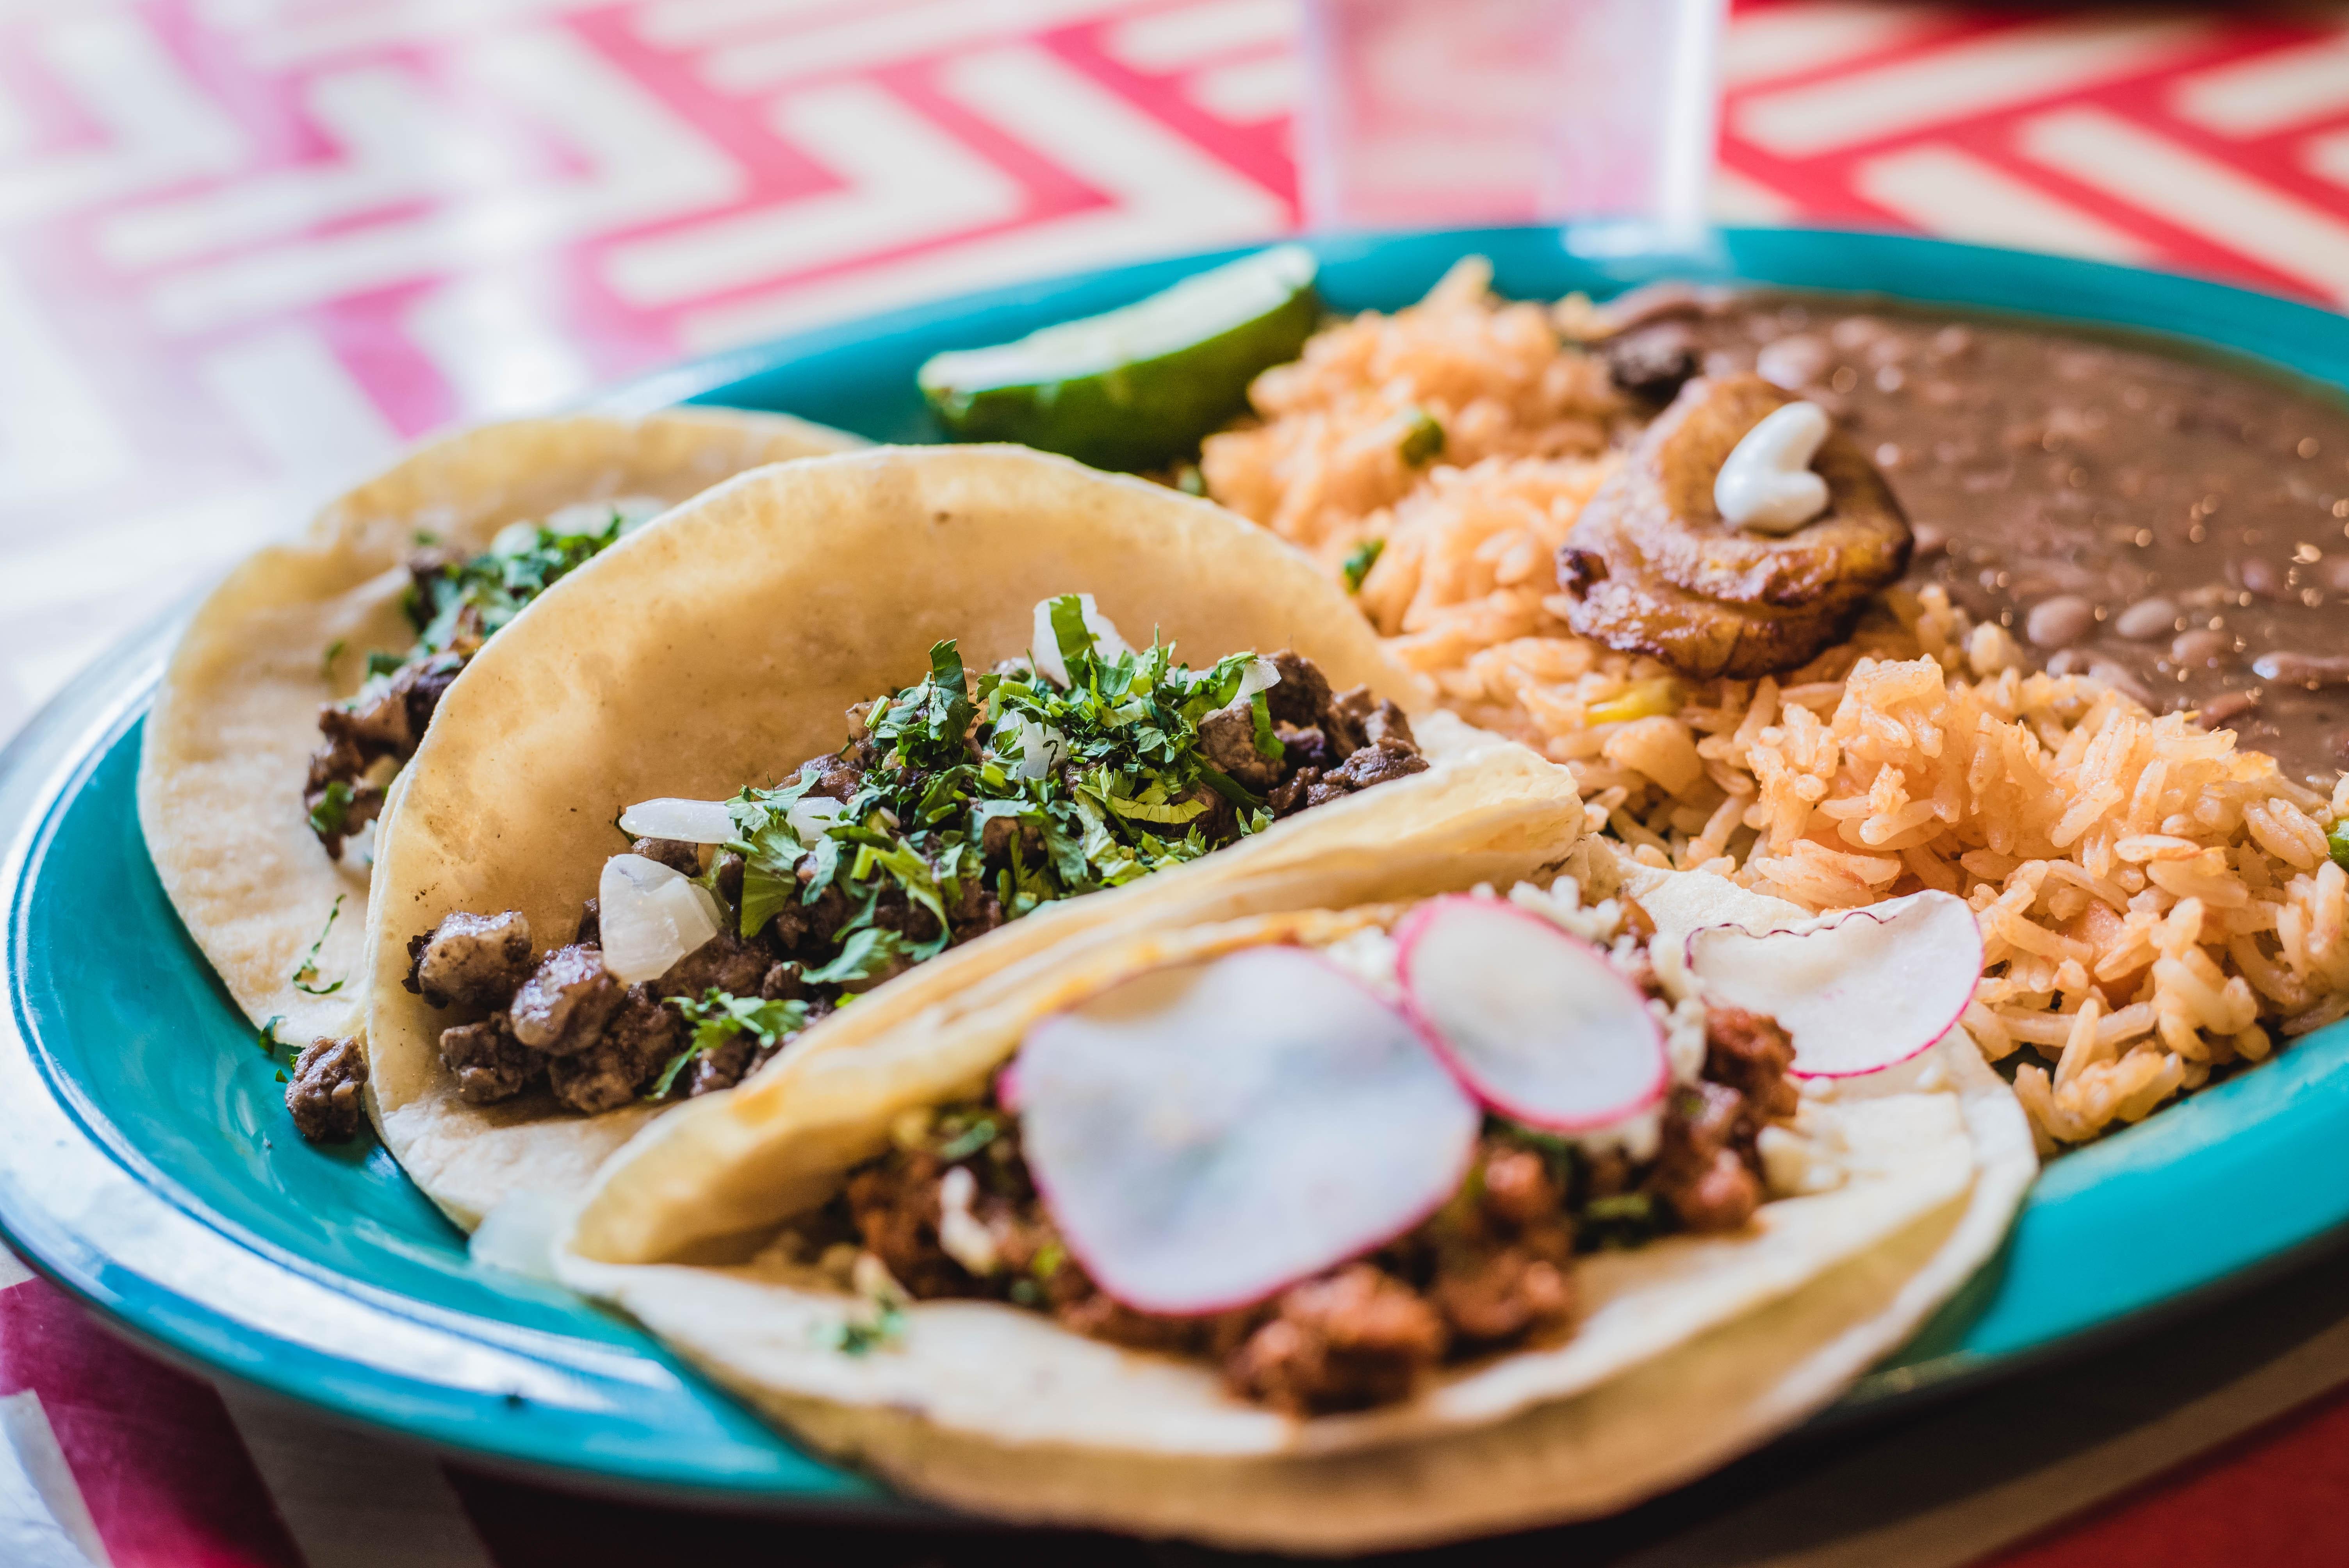 Tacos con Ràpid i Calent